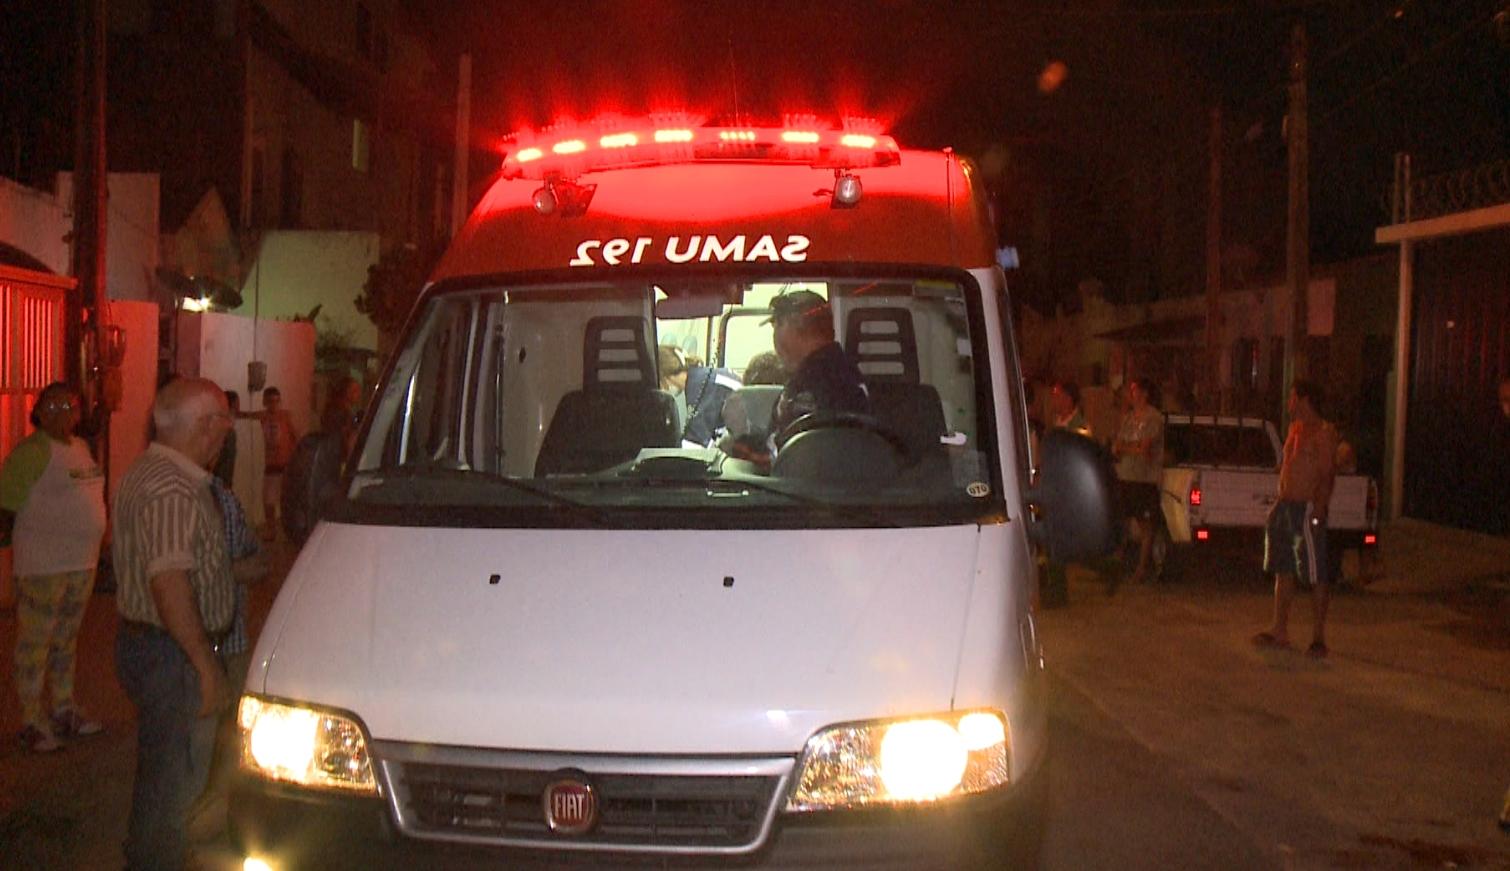 Equipes do Samu foram acionadas, mas o taxista não resistiu aos ferimentos (FOTO: Reprodução/TV Jangadeiro)